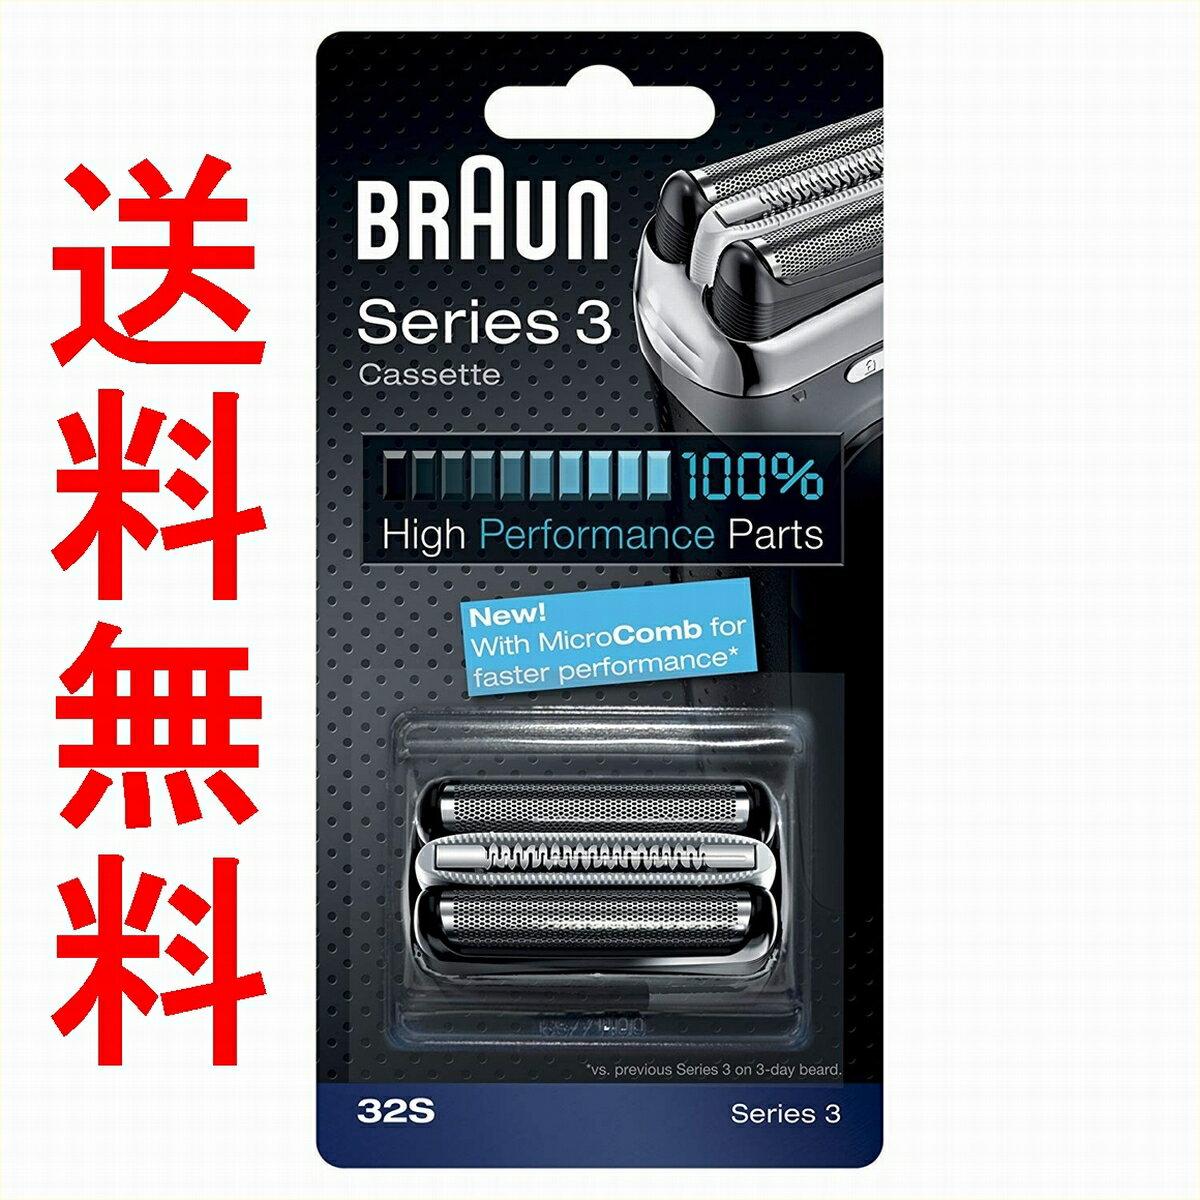 ブラウン 替刃 シリーズ3 32S(F/C32S-6 F/C32S F/C32S-5) 網刃・内刃一体型カセット シルバー 並行輸入品 コンビニ決済、後払い決済不可